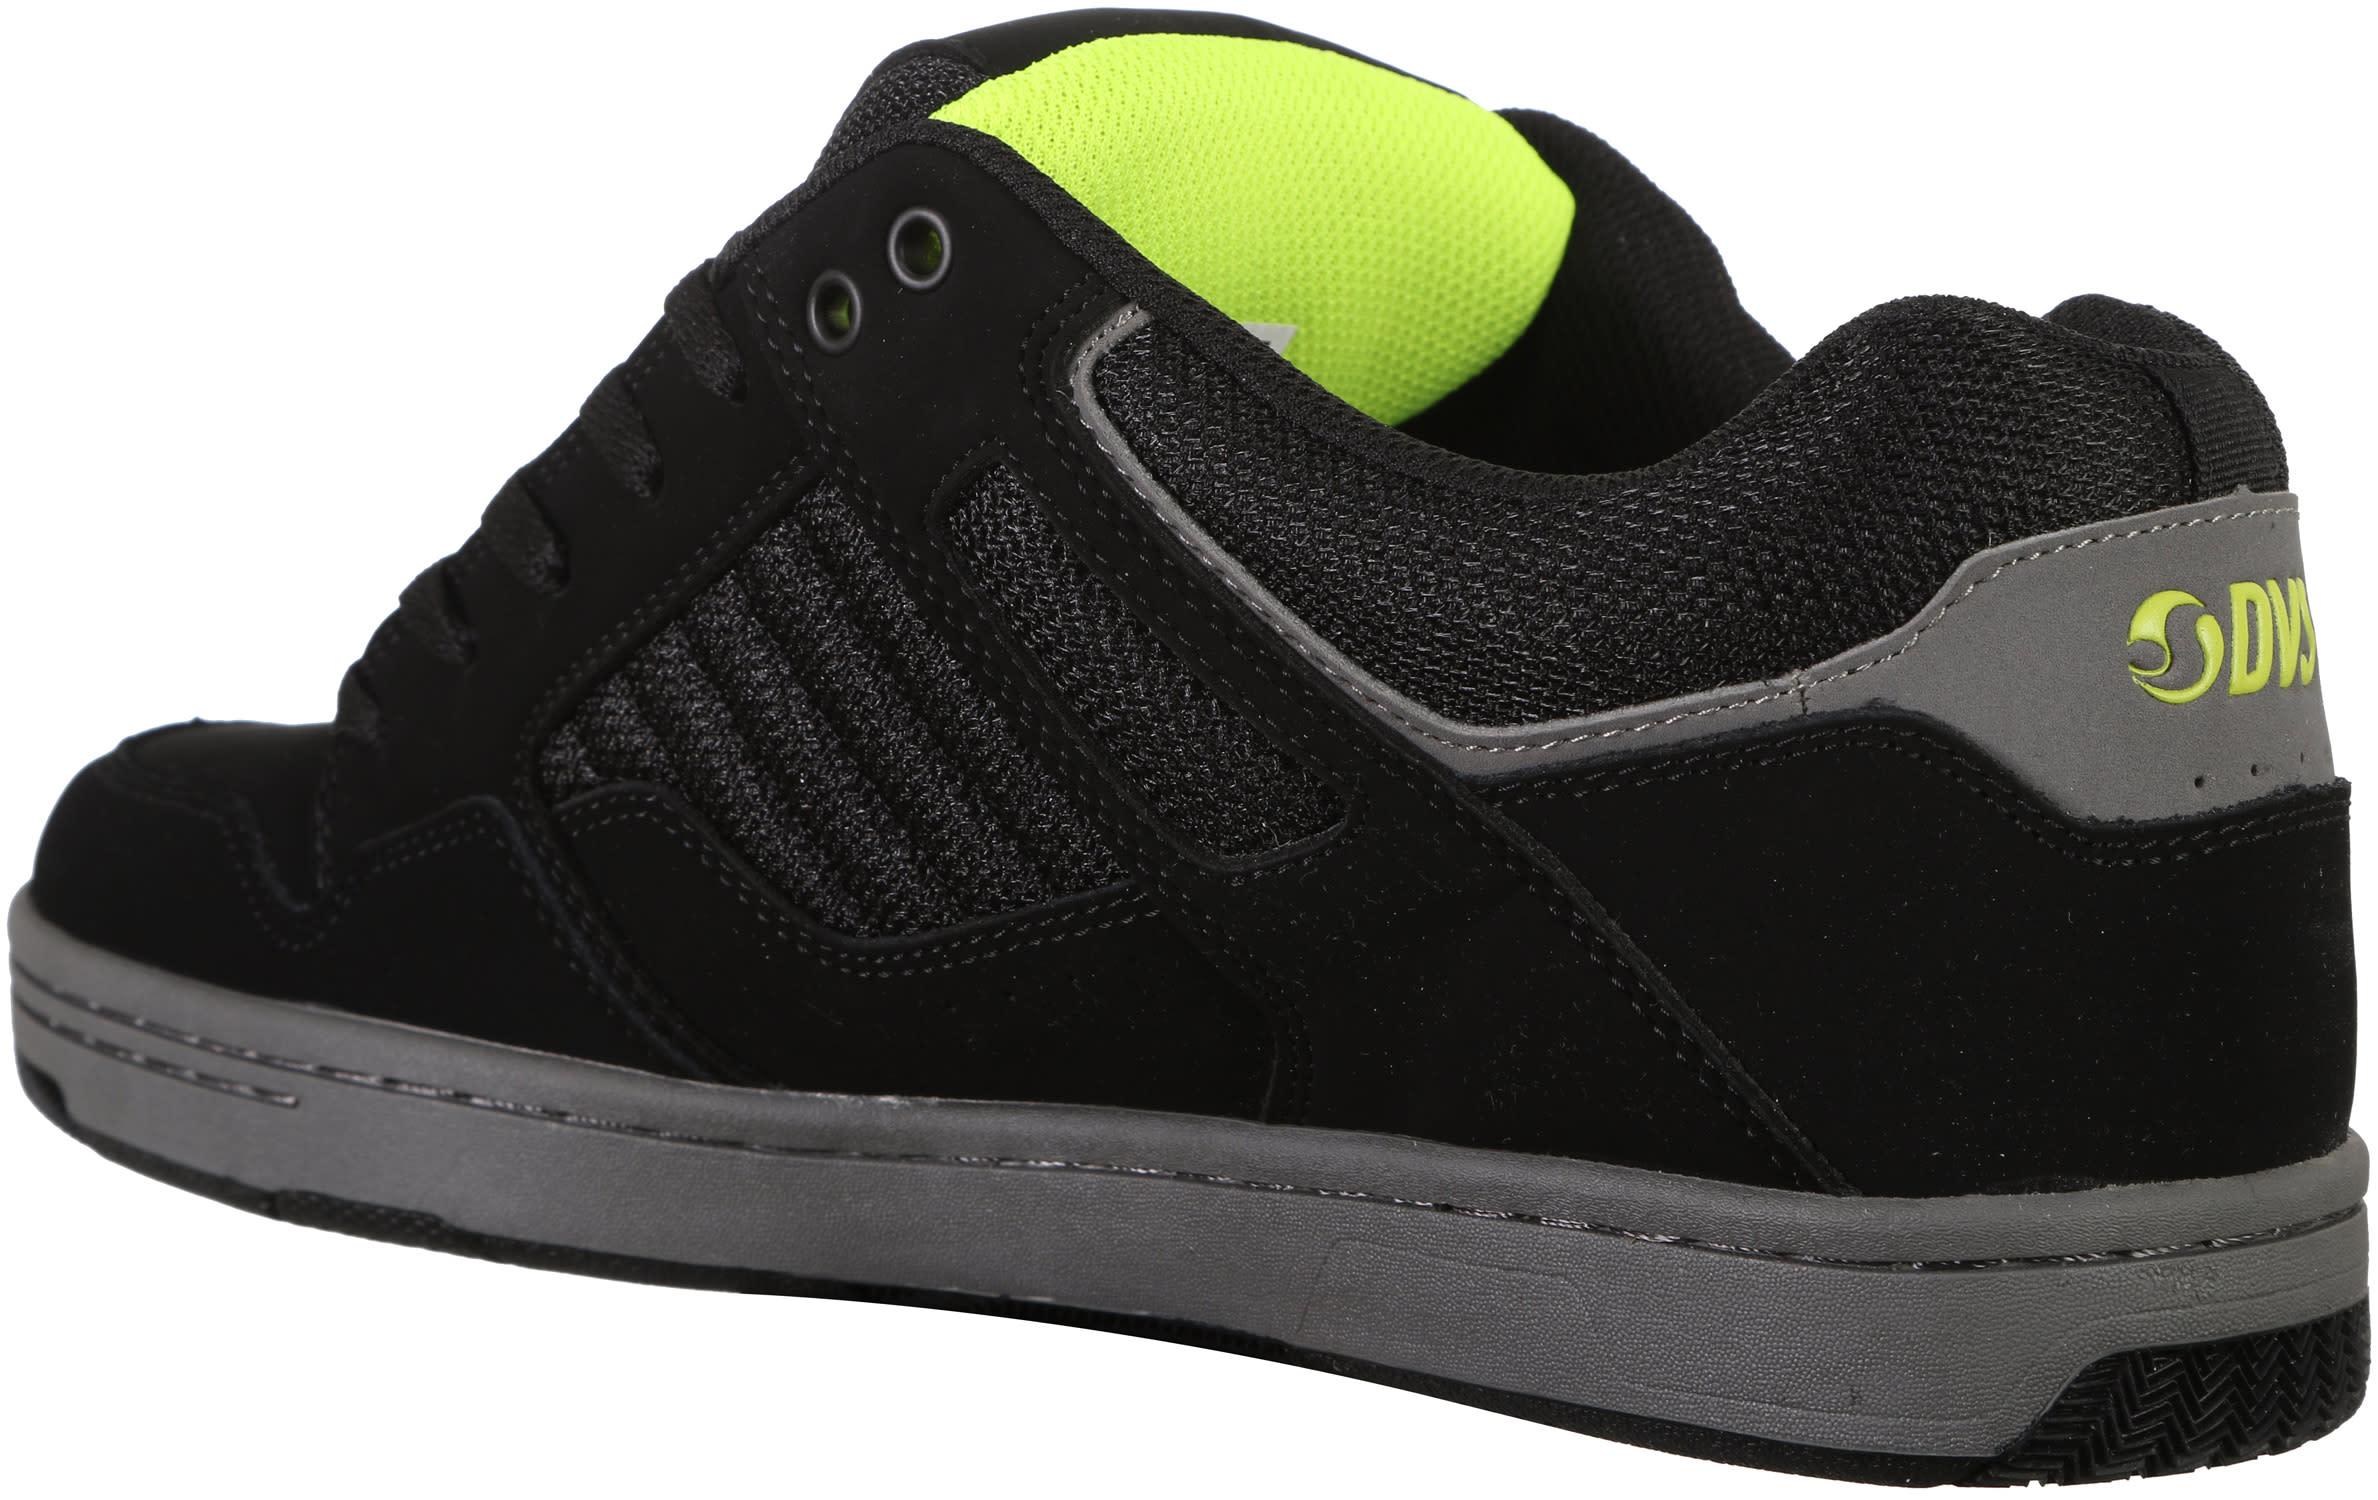 b70512ab0a93e DVS Enduro 125 Skate Shoes - thumbnail 3